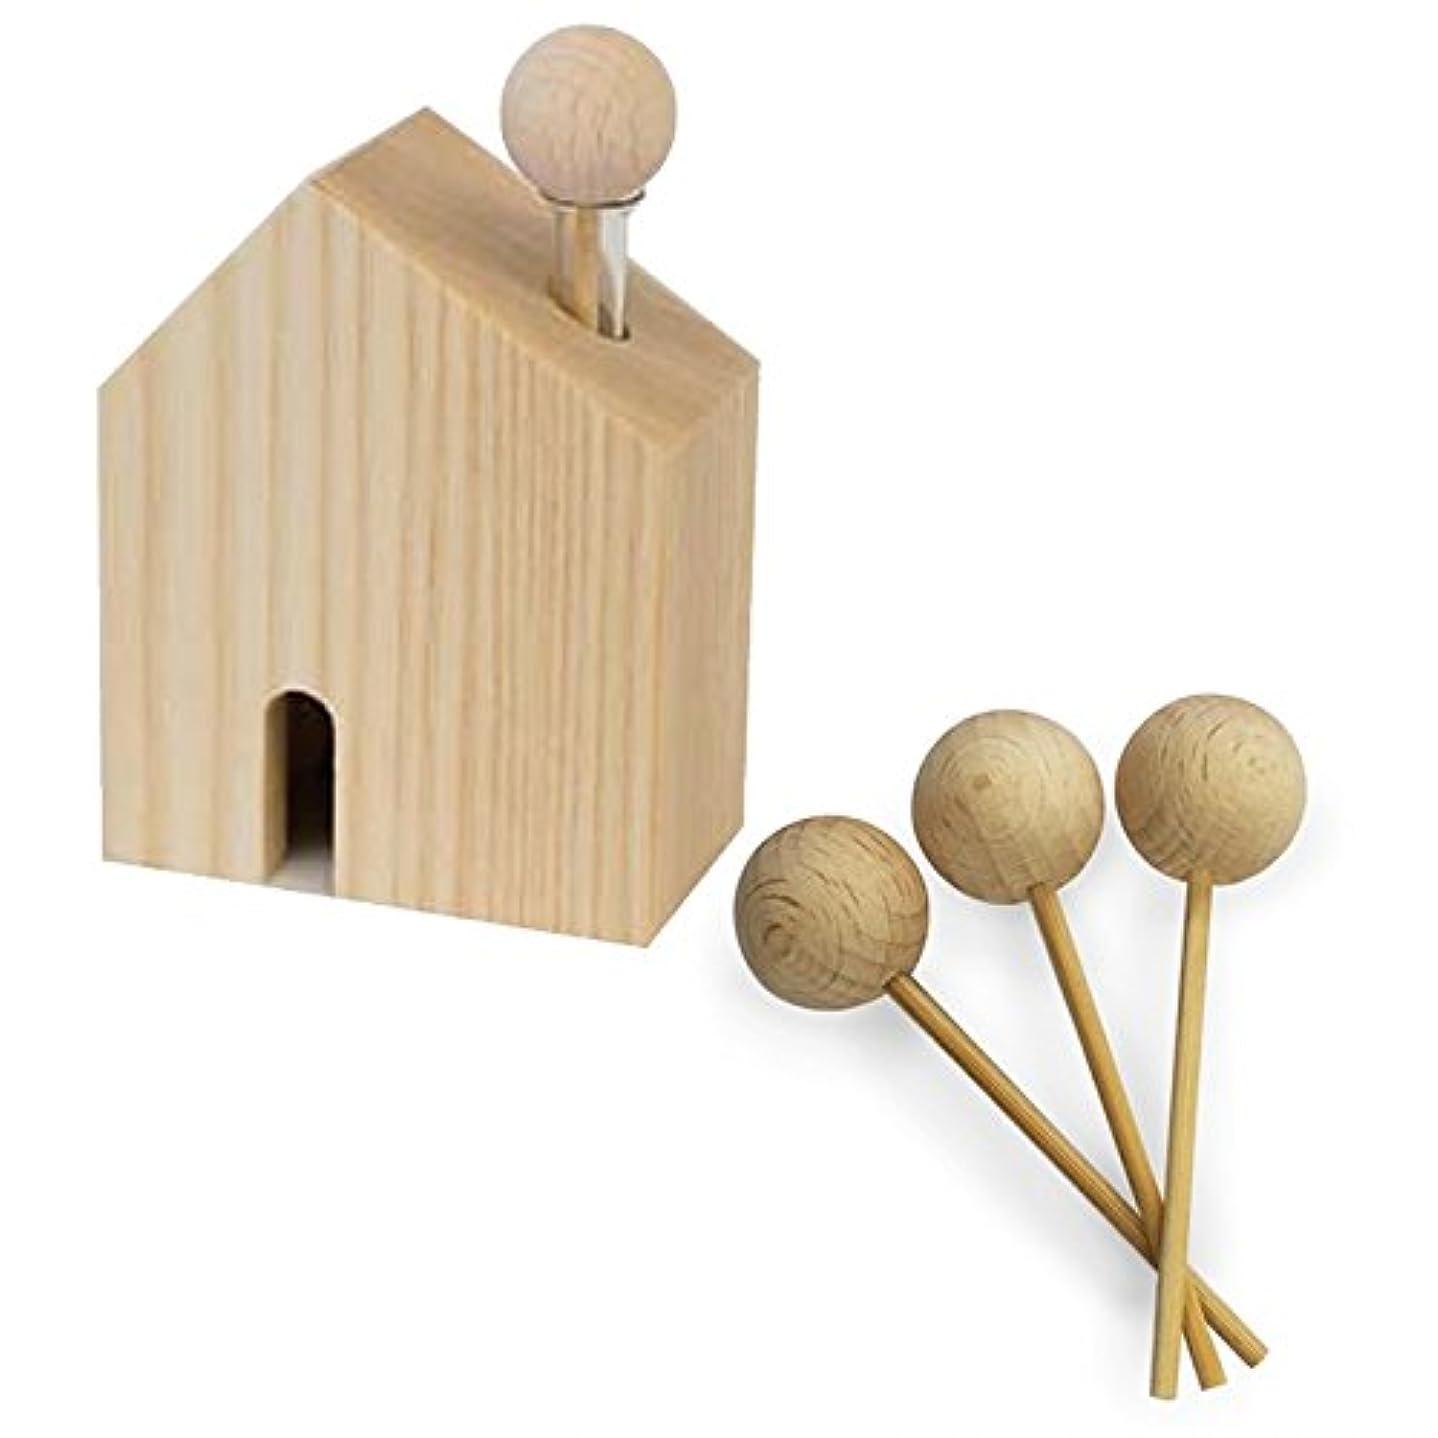 非武装化忘れる現実にはHARIO ハリオ アロマ芳香器 木のお家 交換用木製スティック3本付